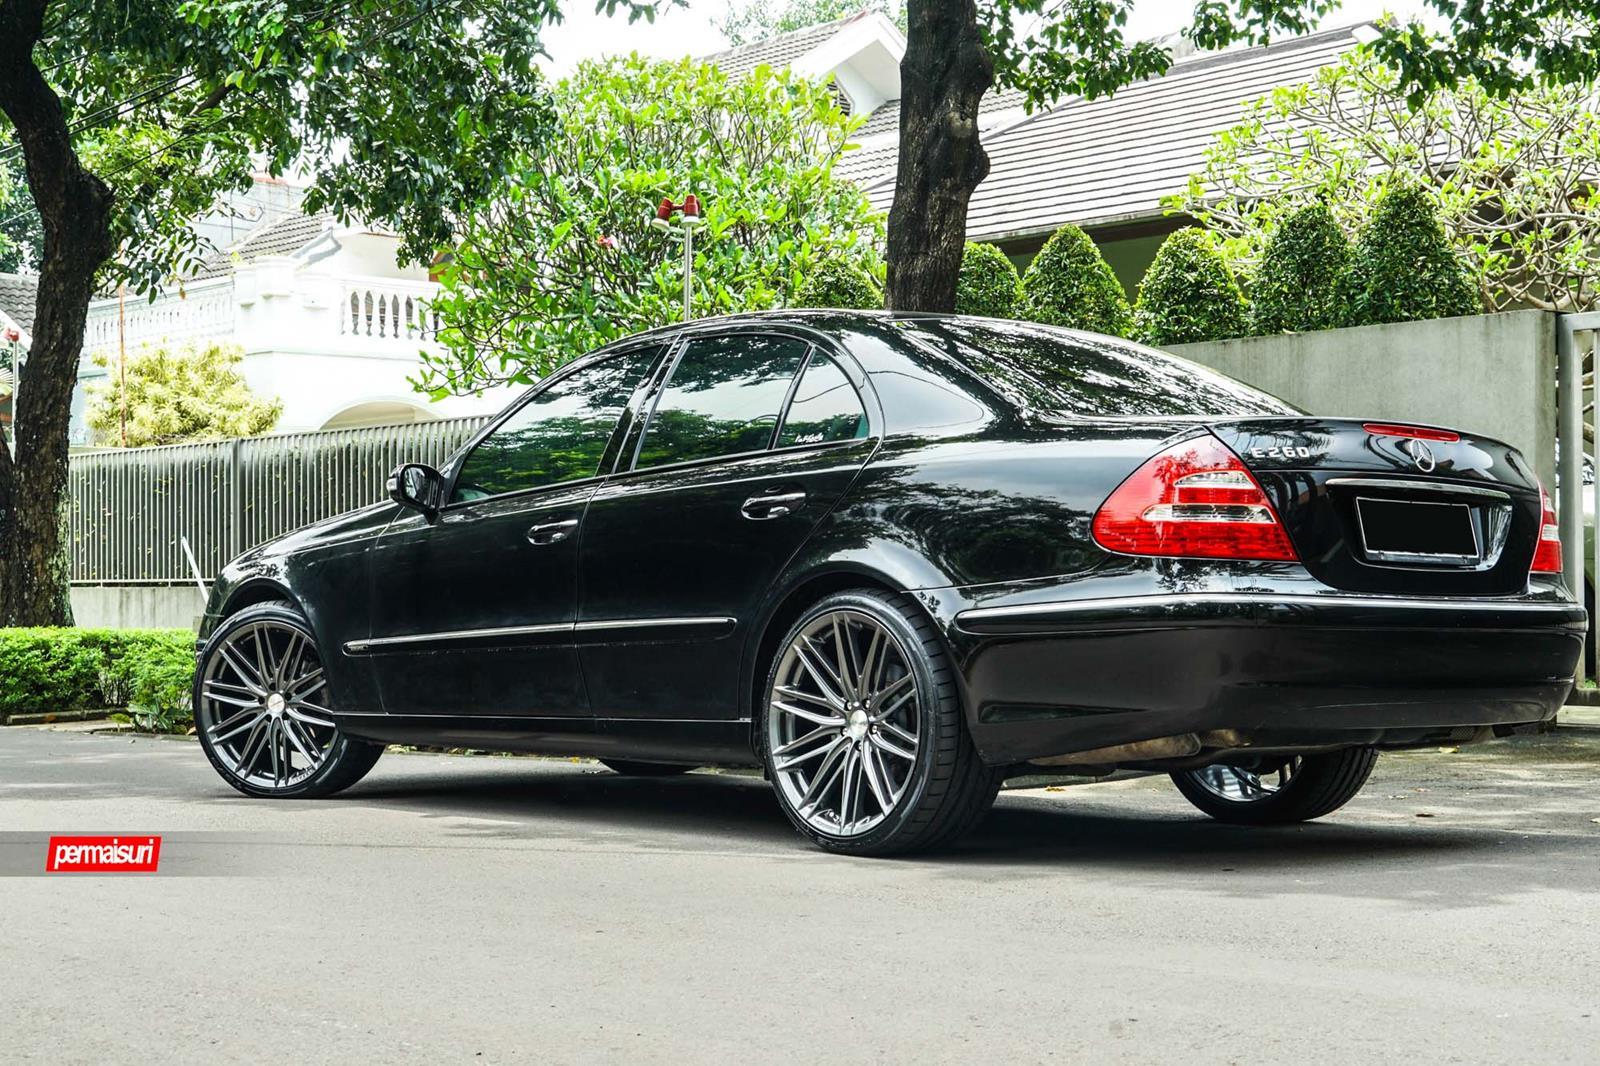 Mercedes benz e class vossen hybrid forged series vfs4 for Voss mercedes benz